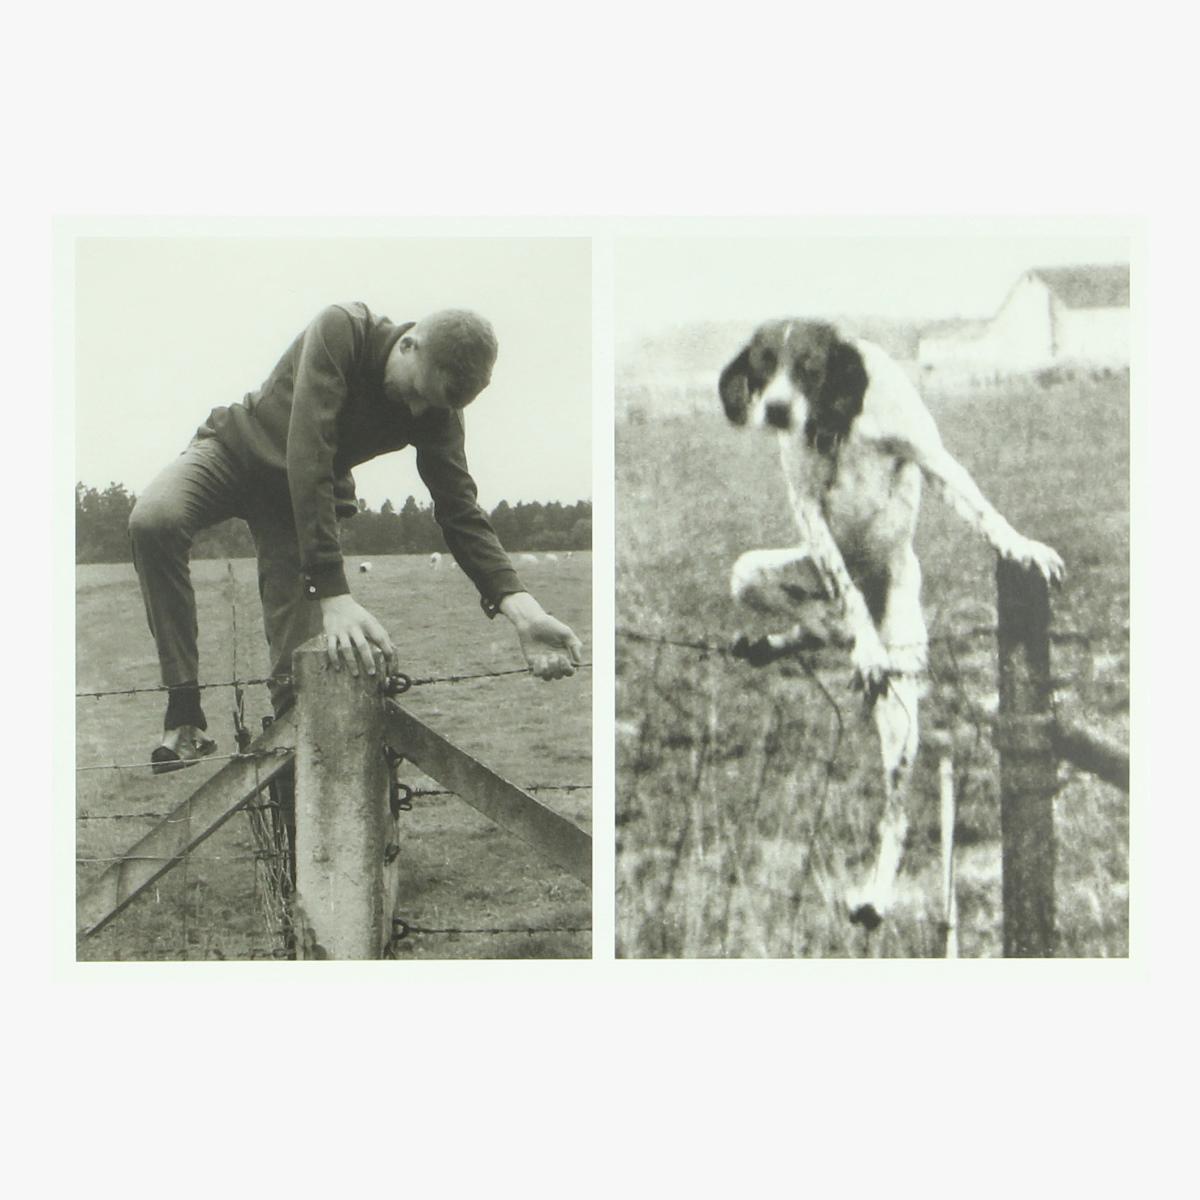 Afbeeldingen van postkaart coll jan de smet 2012 press foto dog / life 4/7/1949